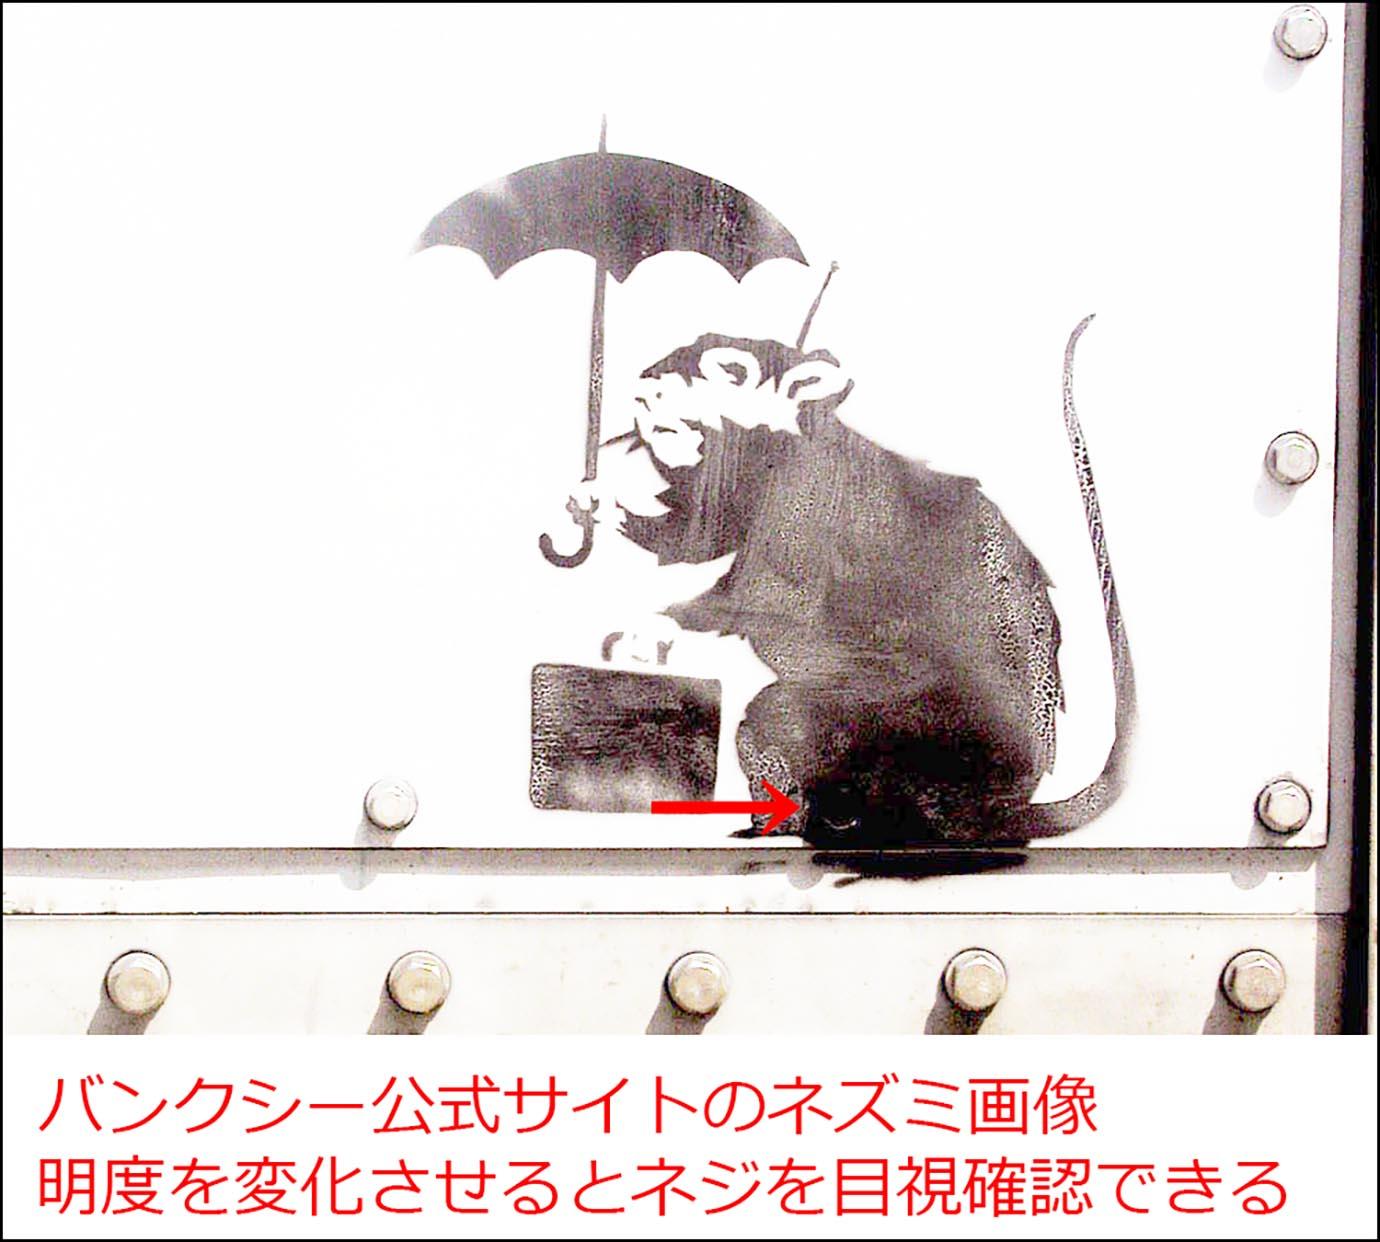 banksy-tokyo2